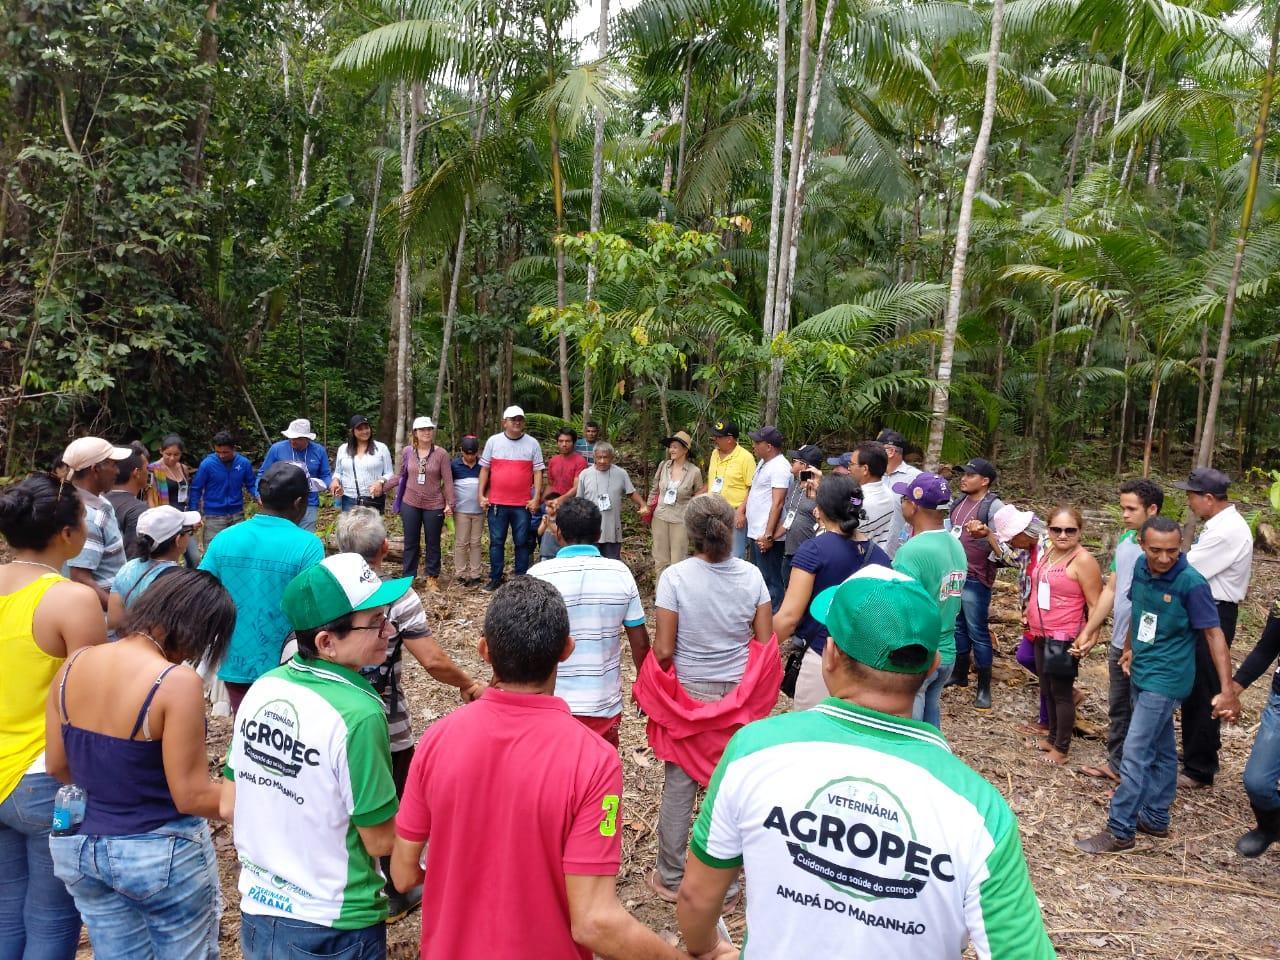 Amapá do Maranhão discute manejo de açaizais nativos em Dia de Campo